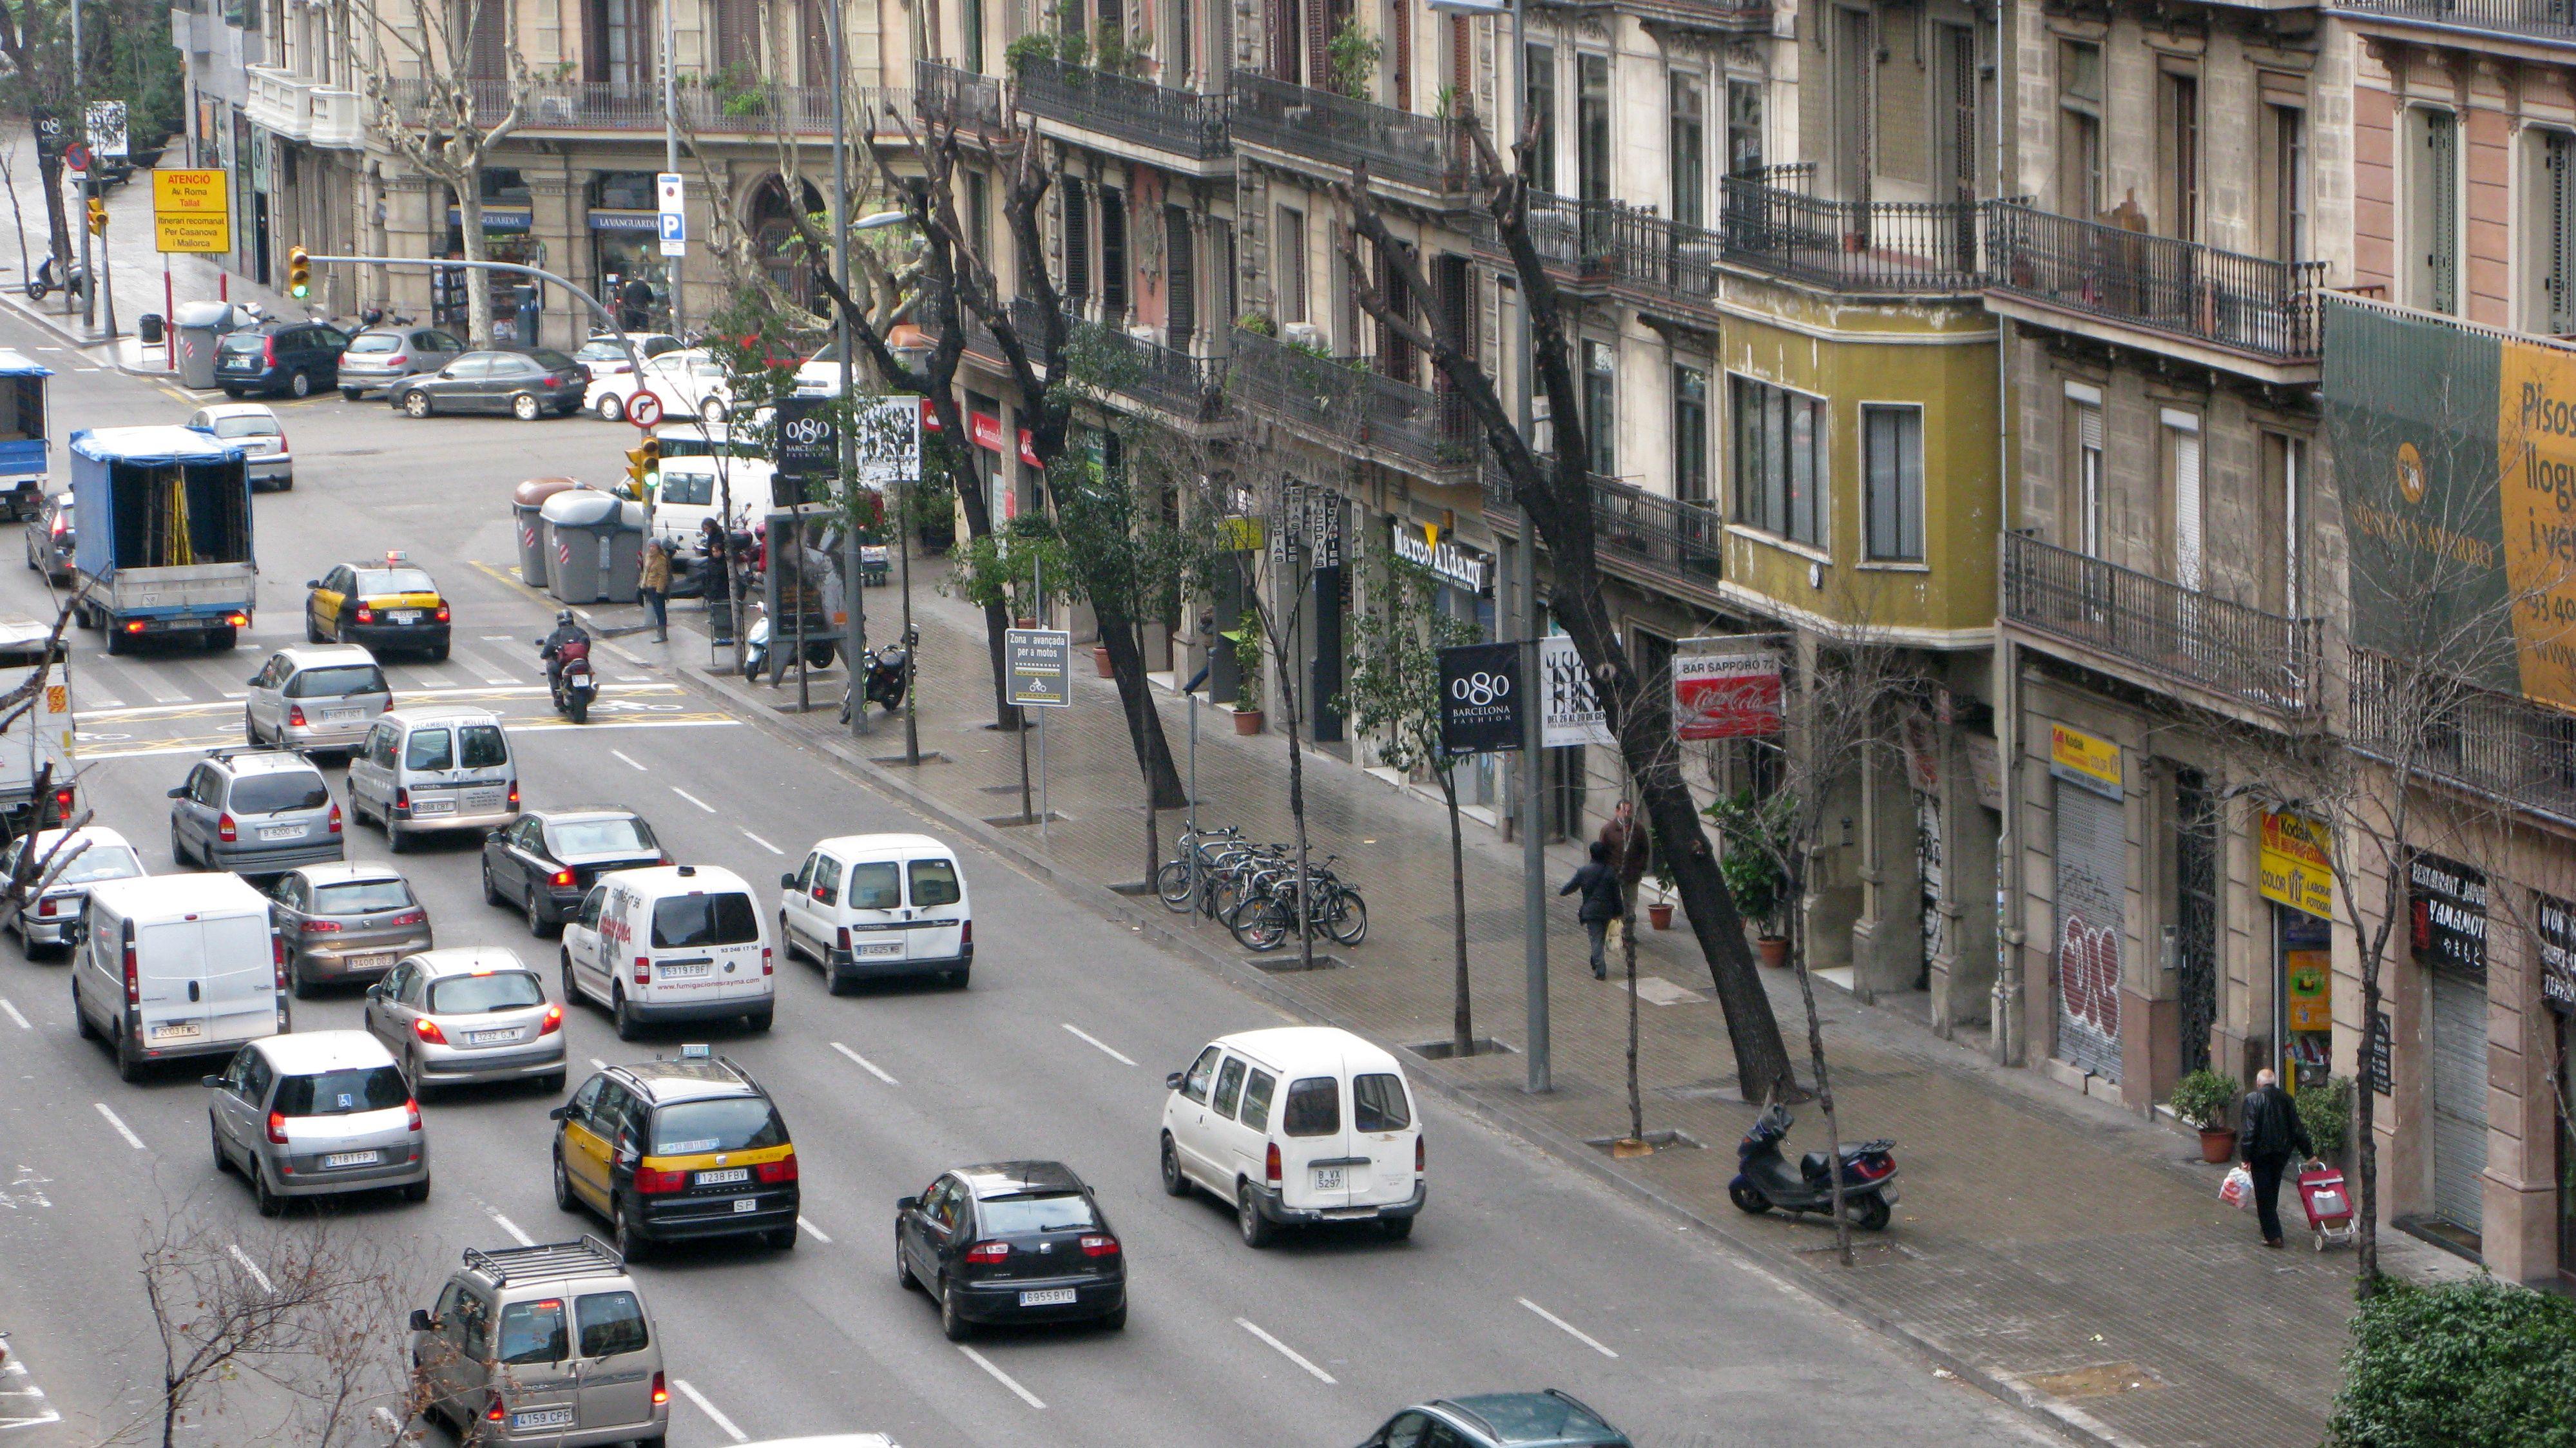 Innenstadt von Barcelona (Symbolbild)